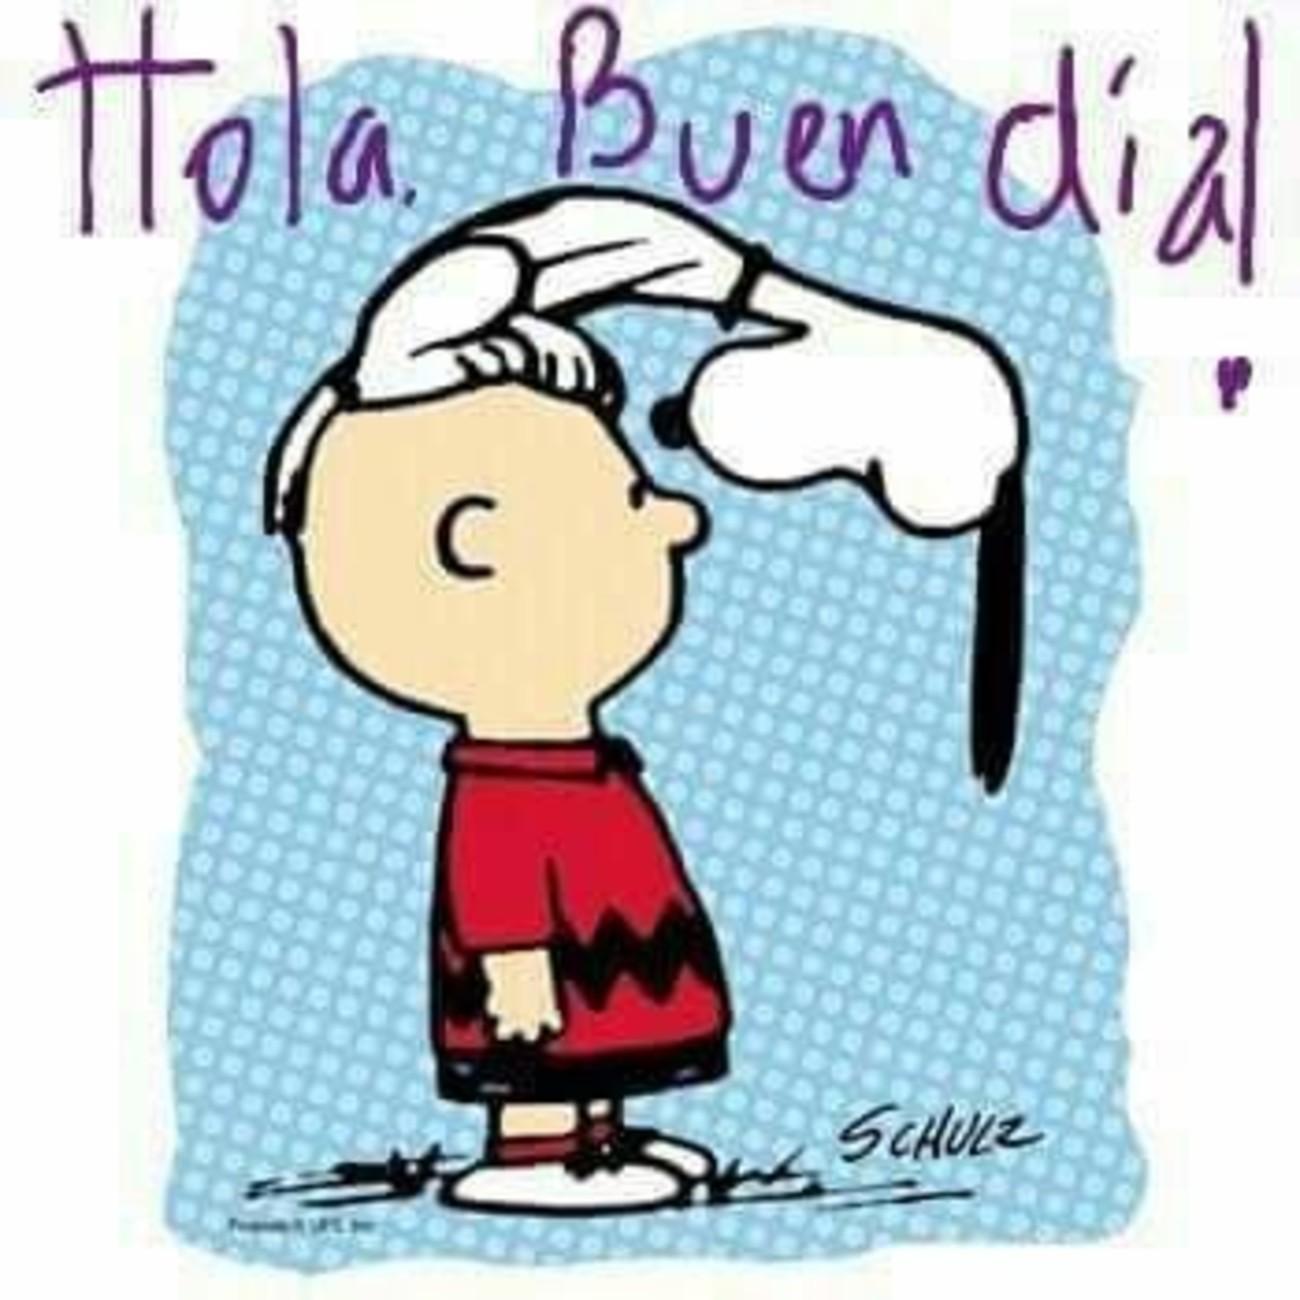 Hola Buen Dia Snoopy 653